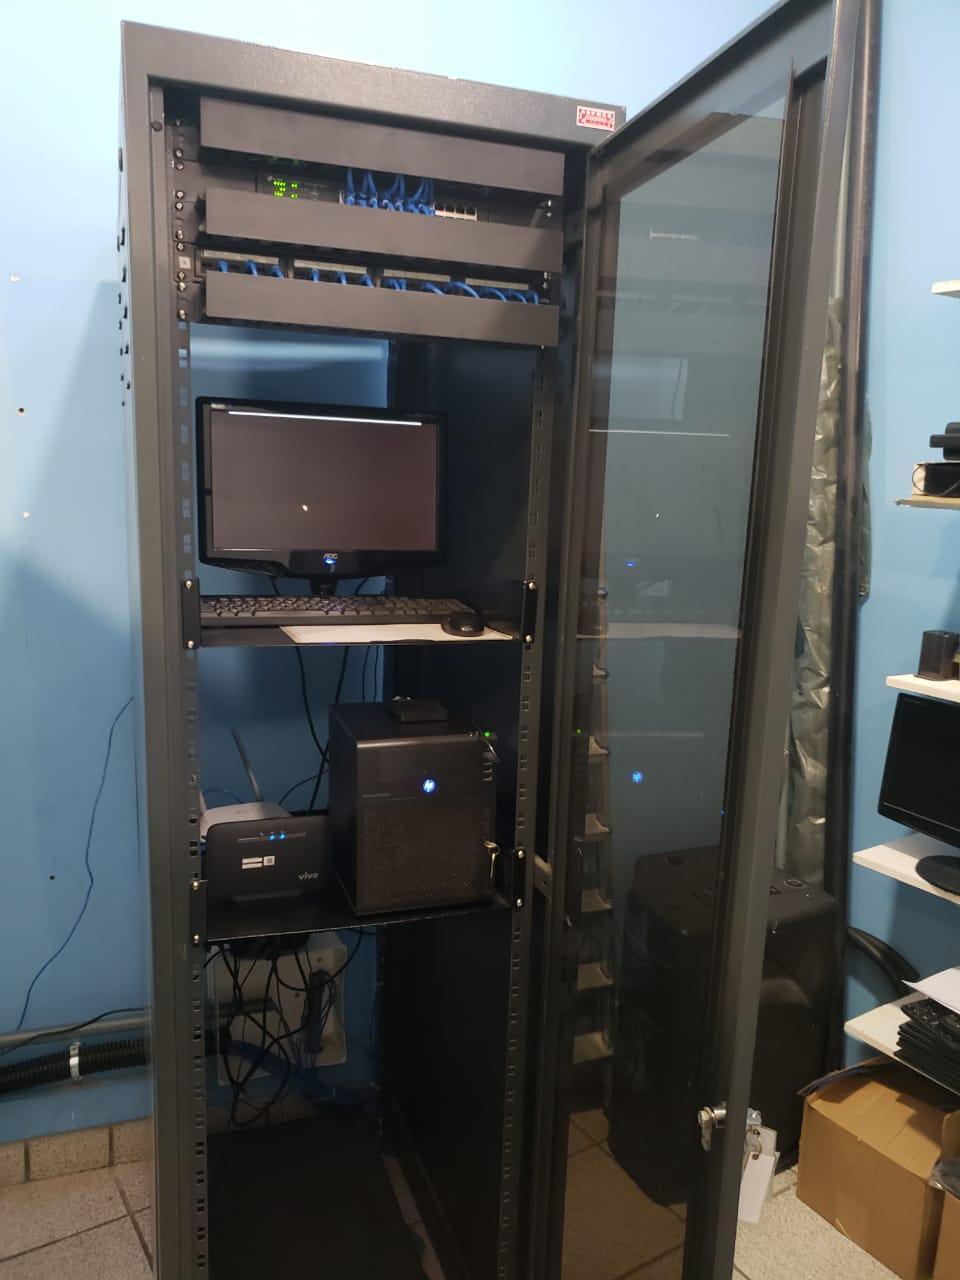 Manutenção da Rede de Informática